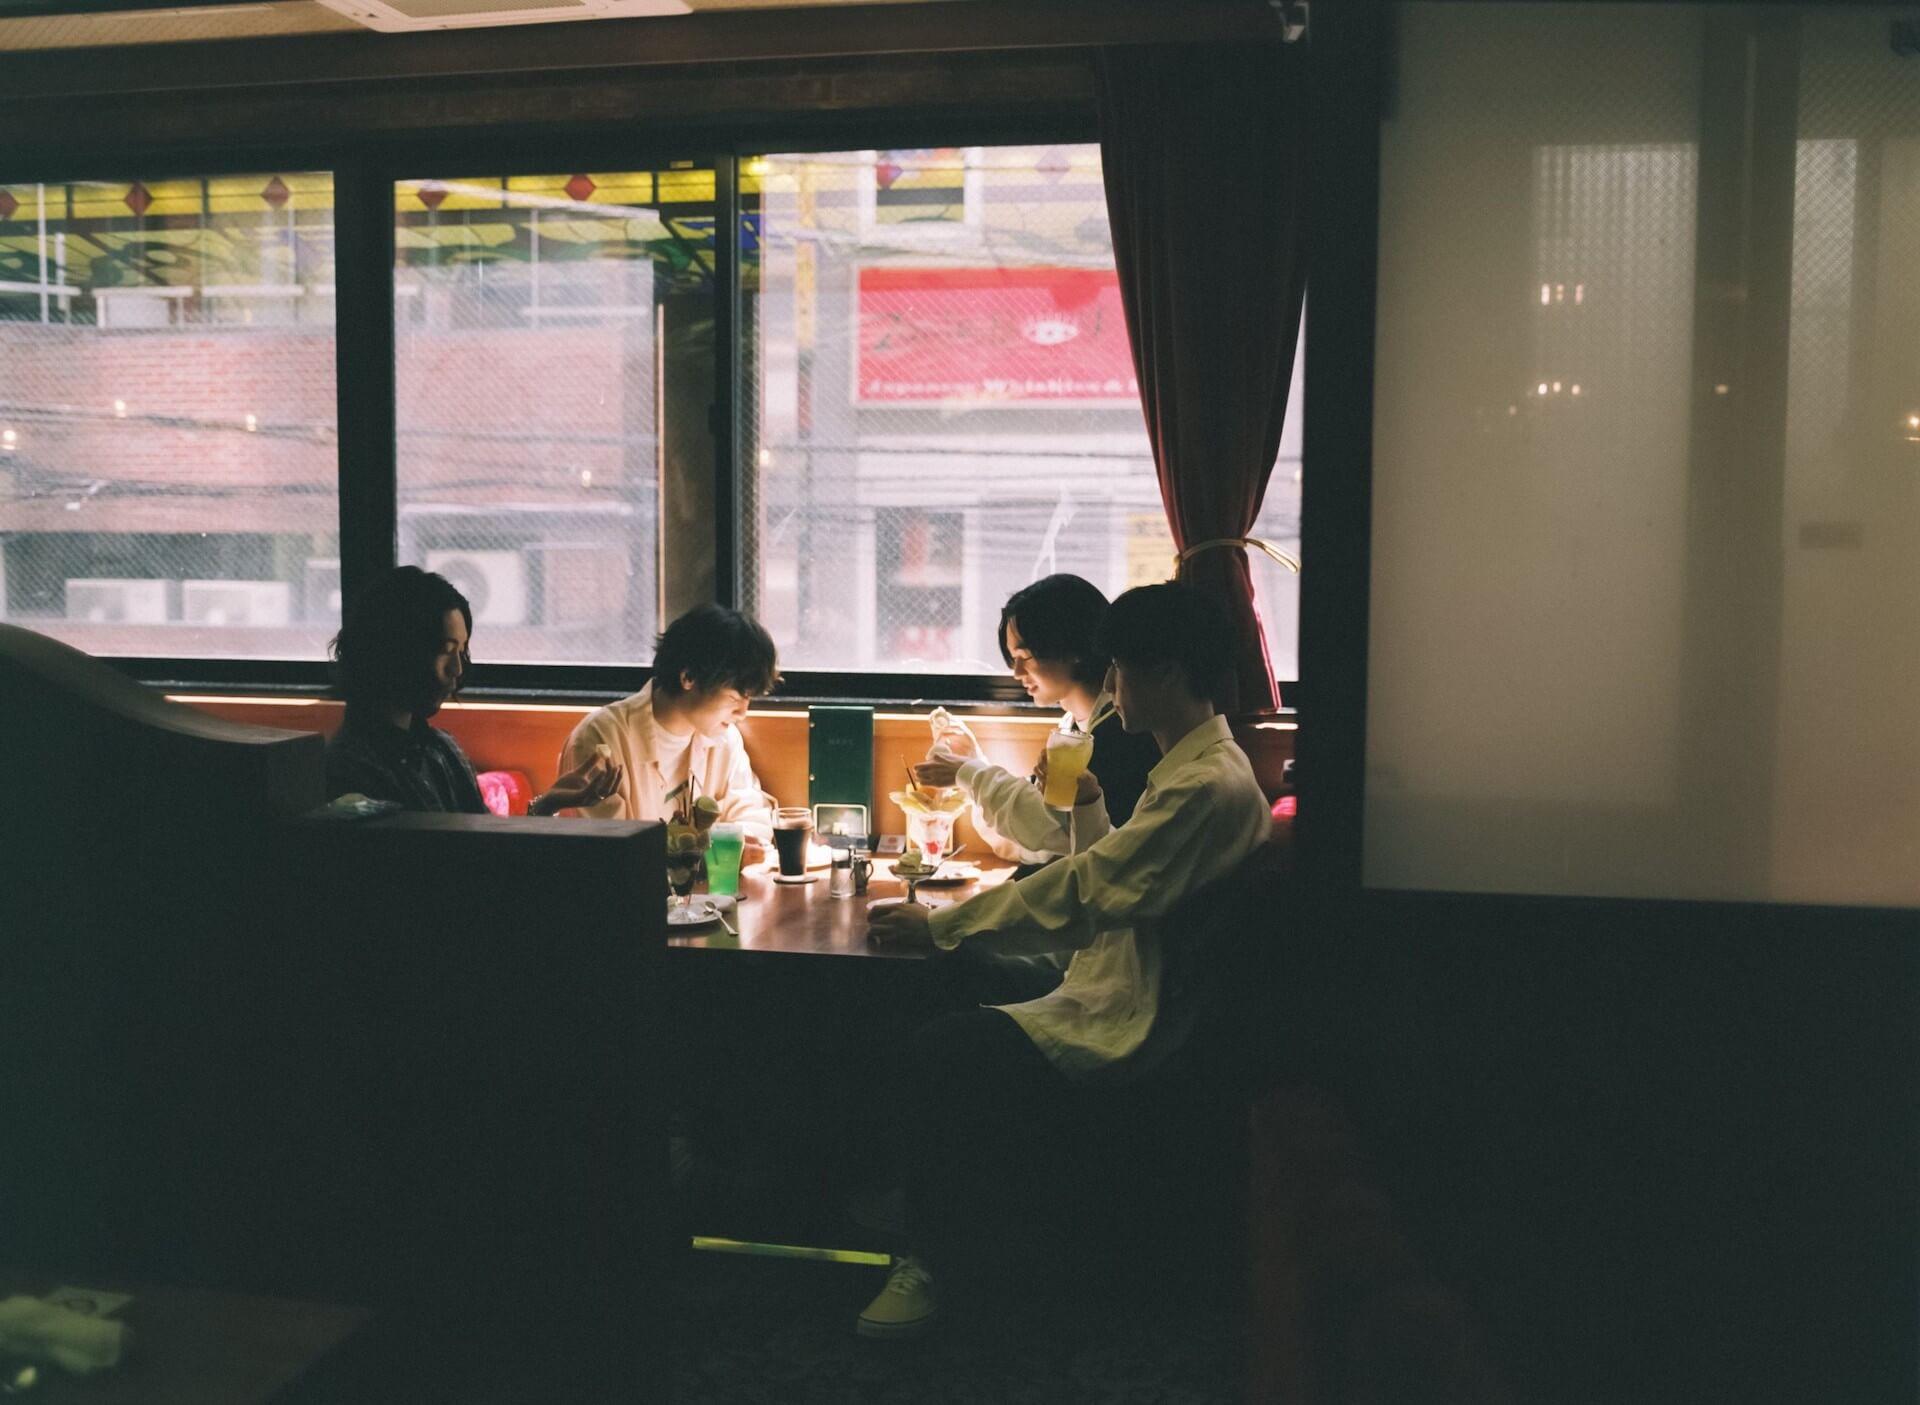 """対談:オレンジスパイニクラブが1stAL先行配信曲""""ガマズミ""""のMV監督・倉本雷大と語らう━━「生活の風景」を作品化すること music210913_orangespinycrab-main"""